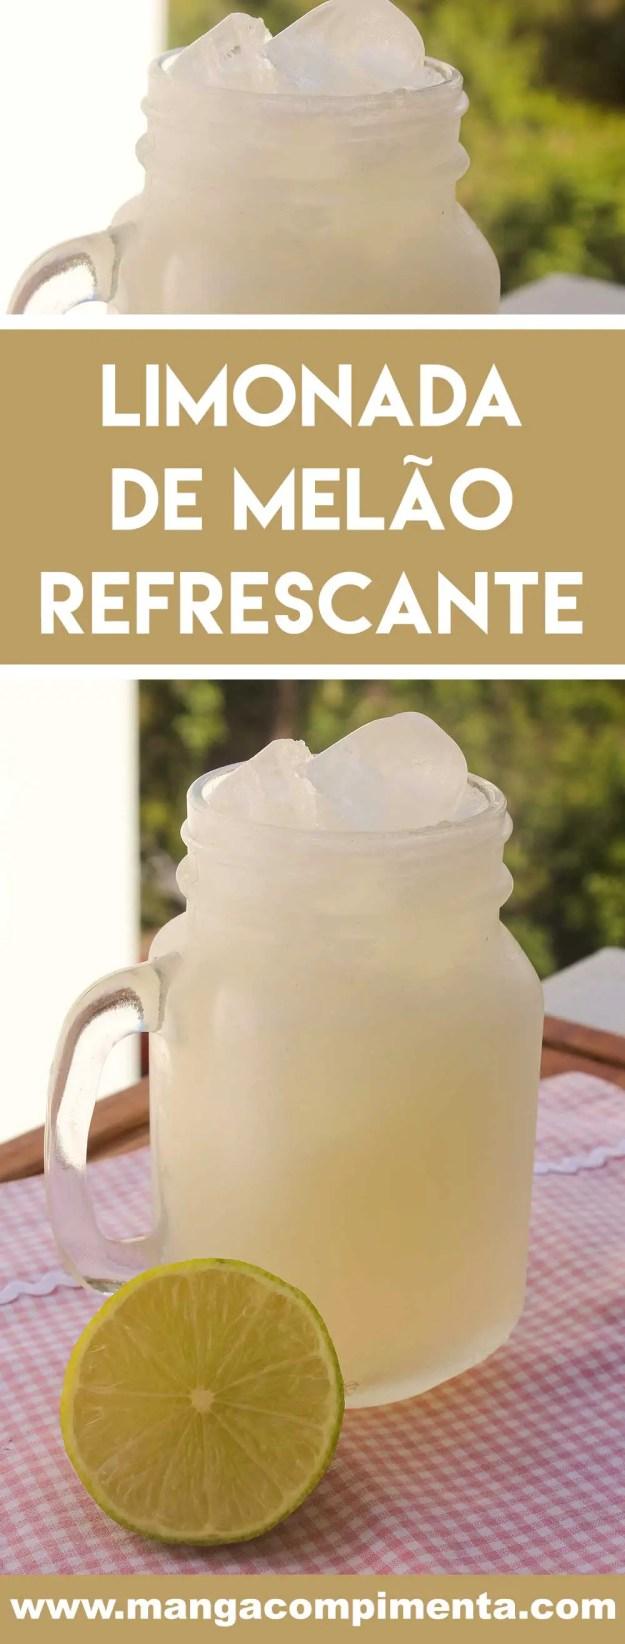 Receita de Limonada de Melão Refrescante - uma bebida nutritiva e gostosa para o verão!